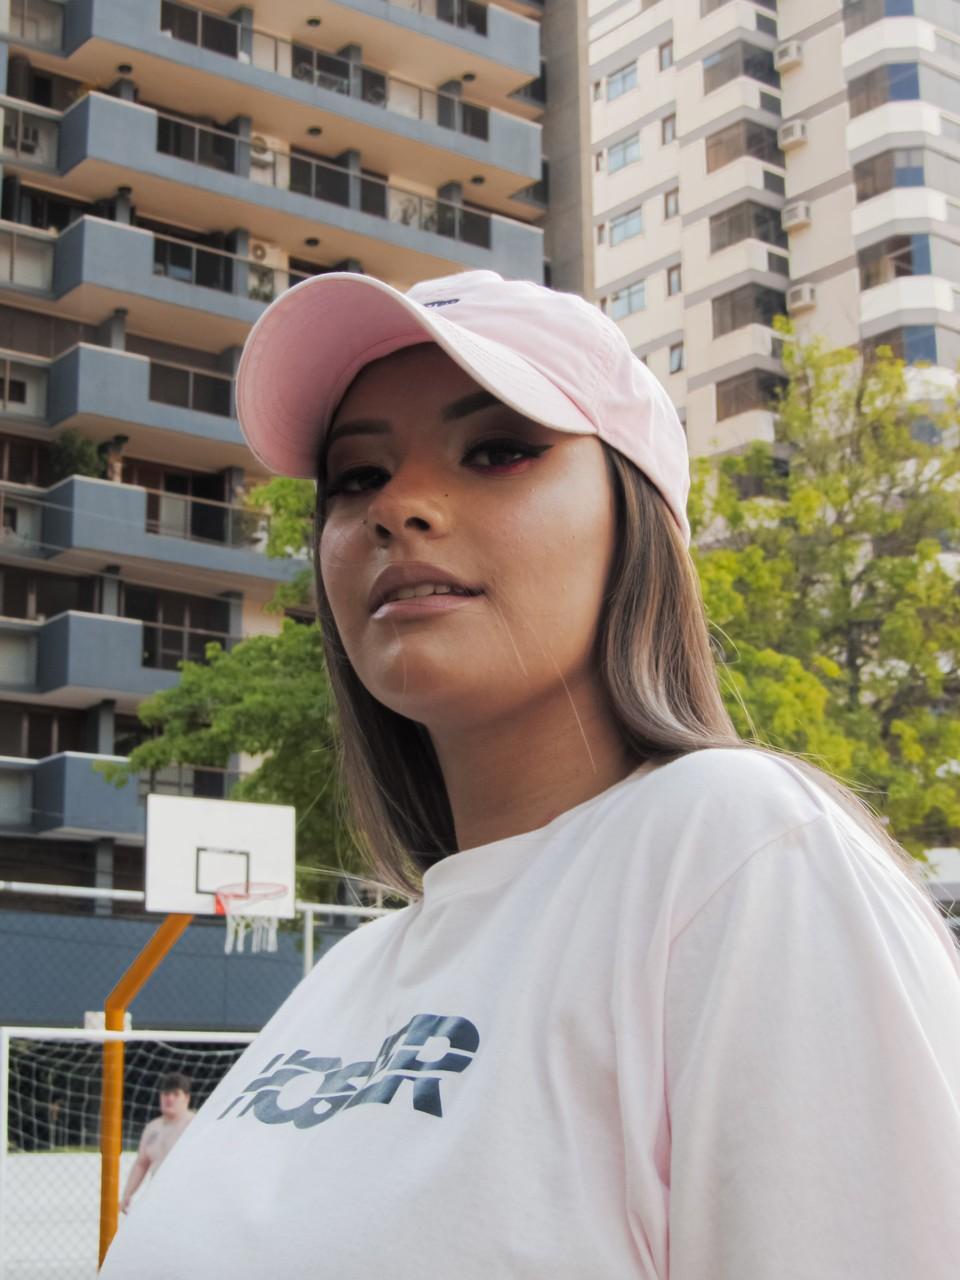 Camiseta Feminina HOSTER Rosa Swell New